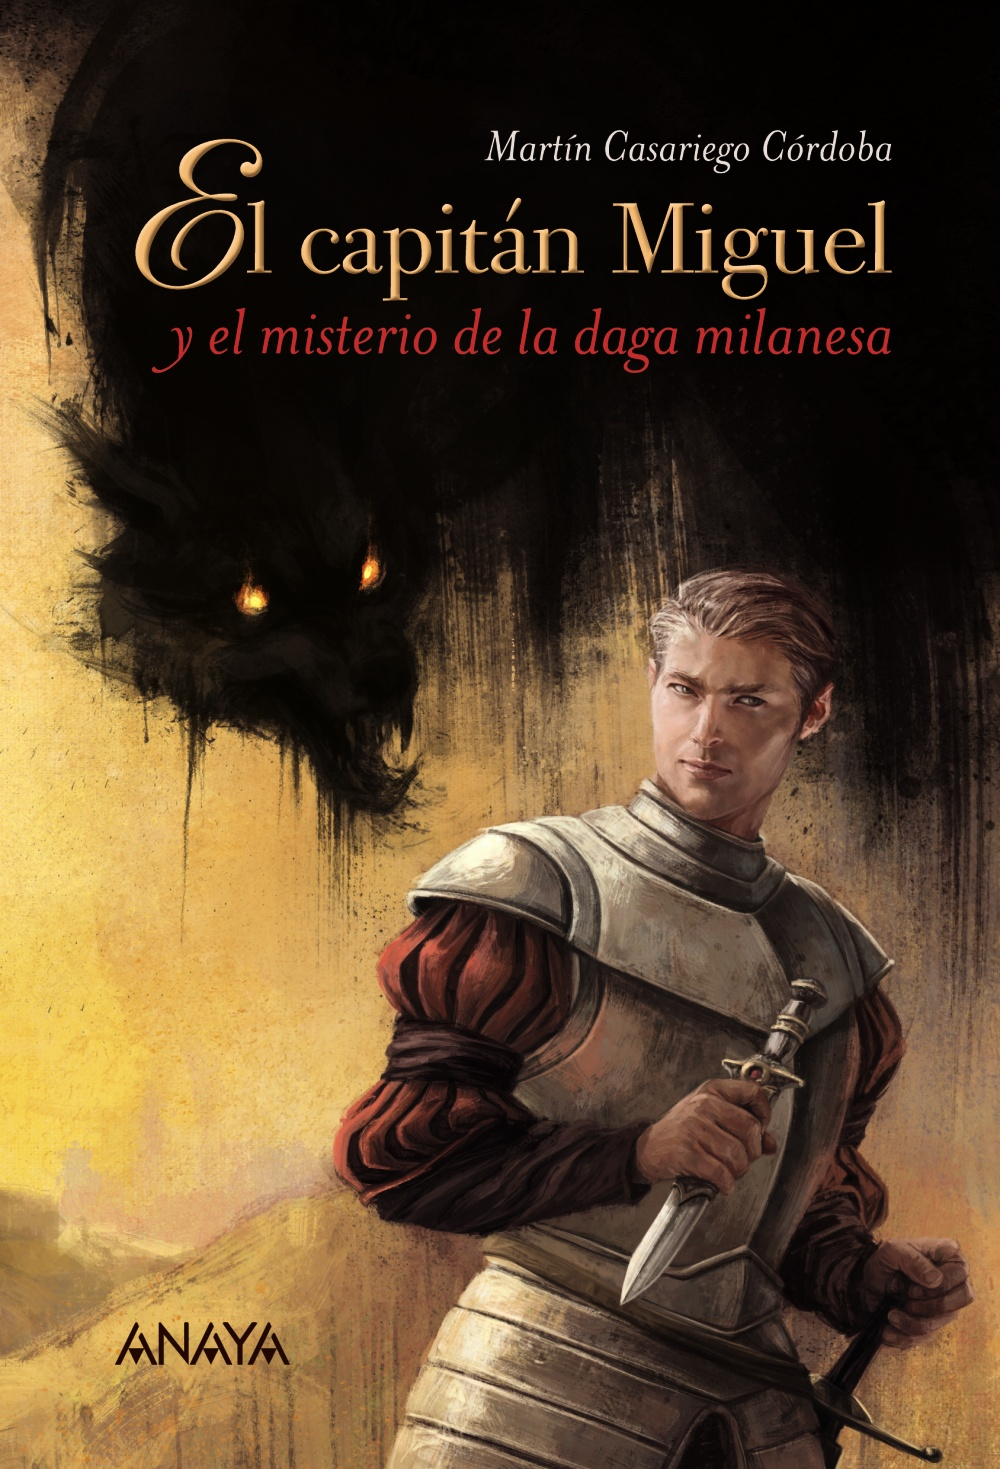 El Capitán Miguel y la daga milanesa